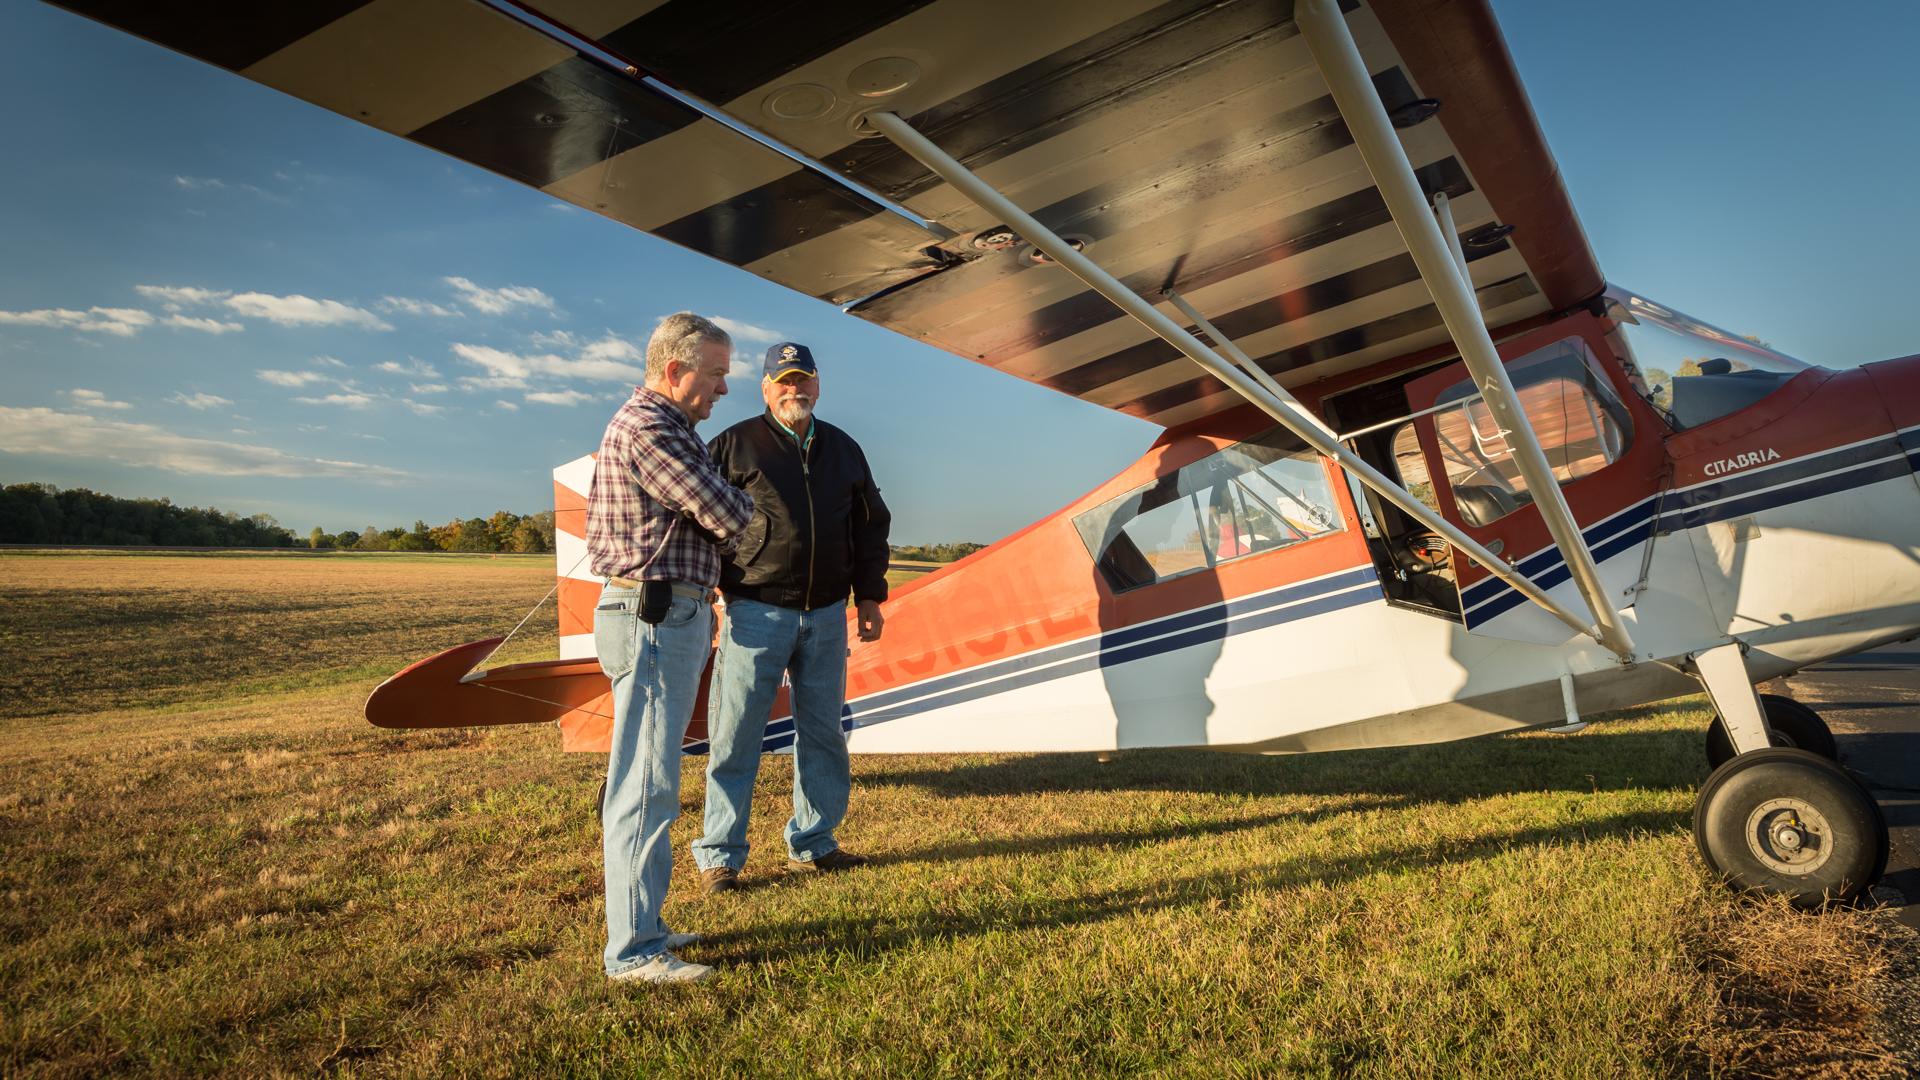 Gordon-plane